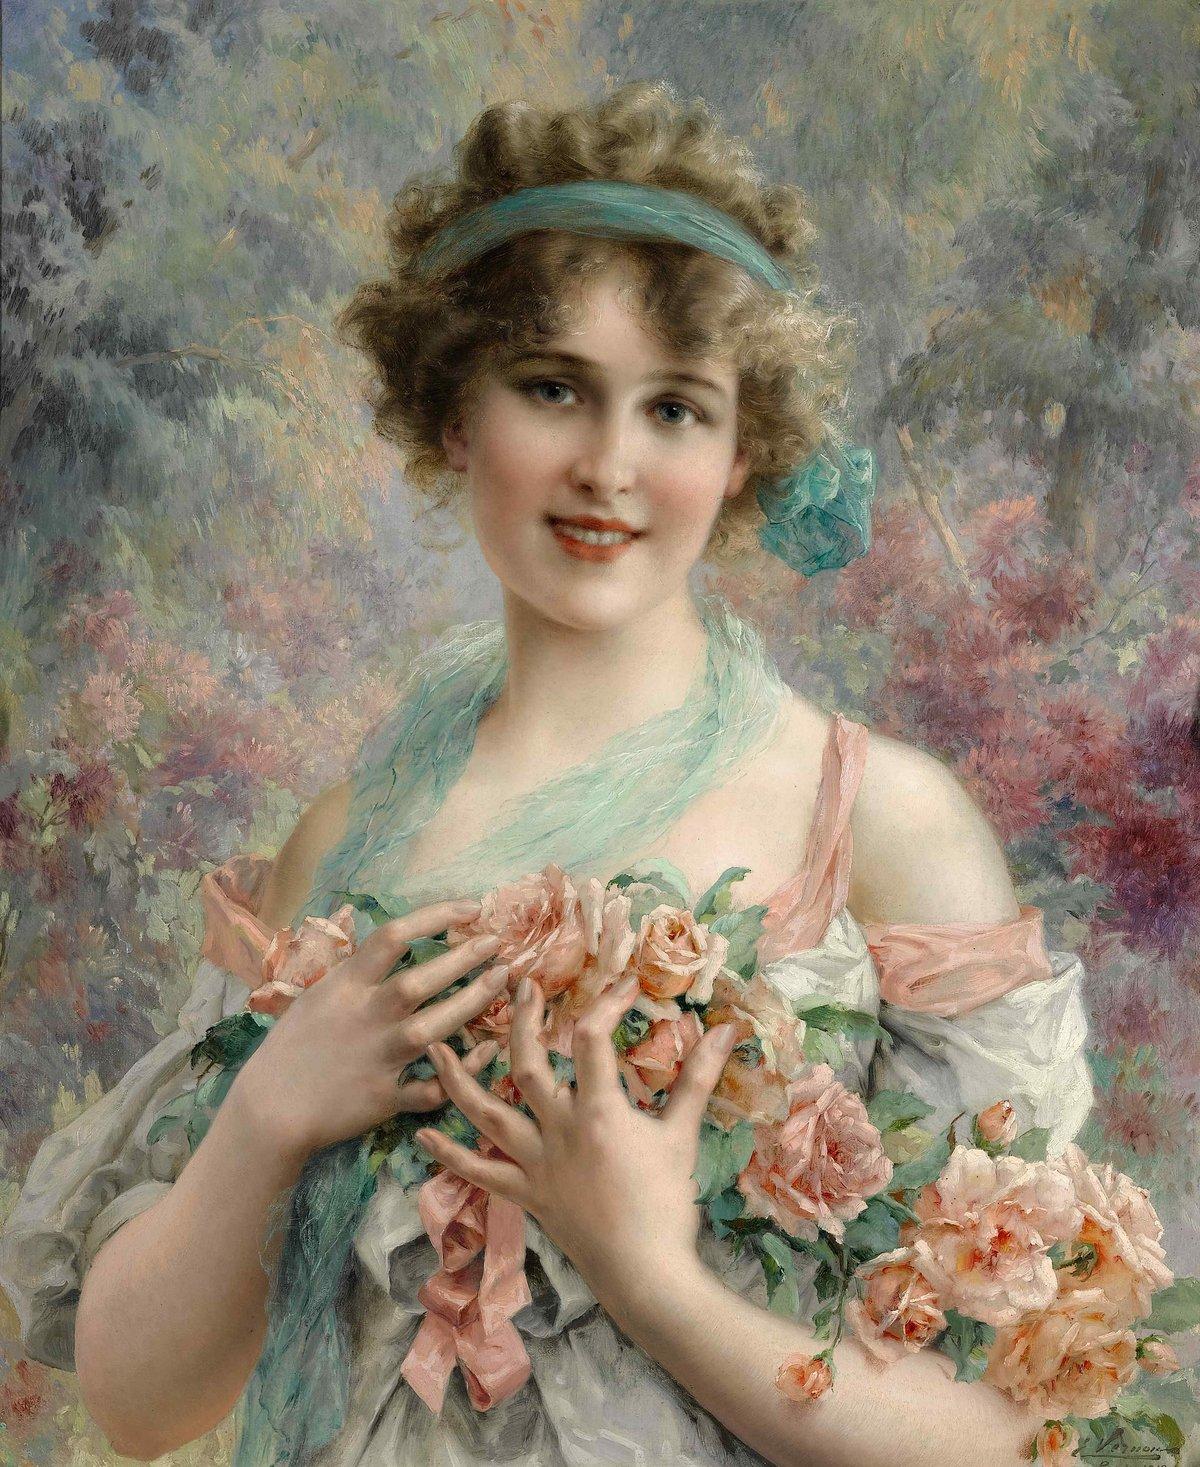 Юбилеем лет, красивые барышни открытки 18-19 века